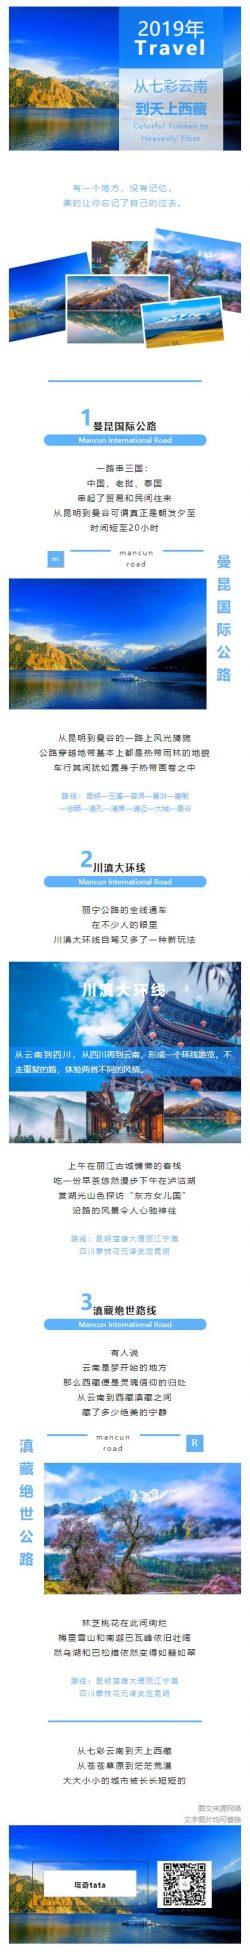 七彩云南到天上西藏旅游线路模板微信公众号模板